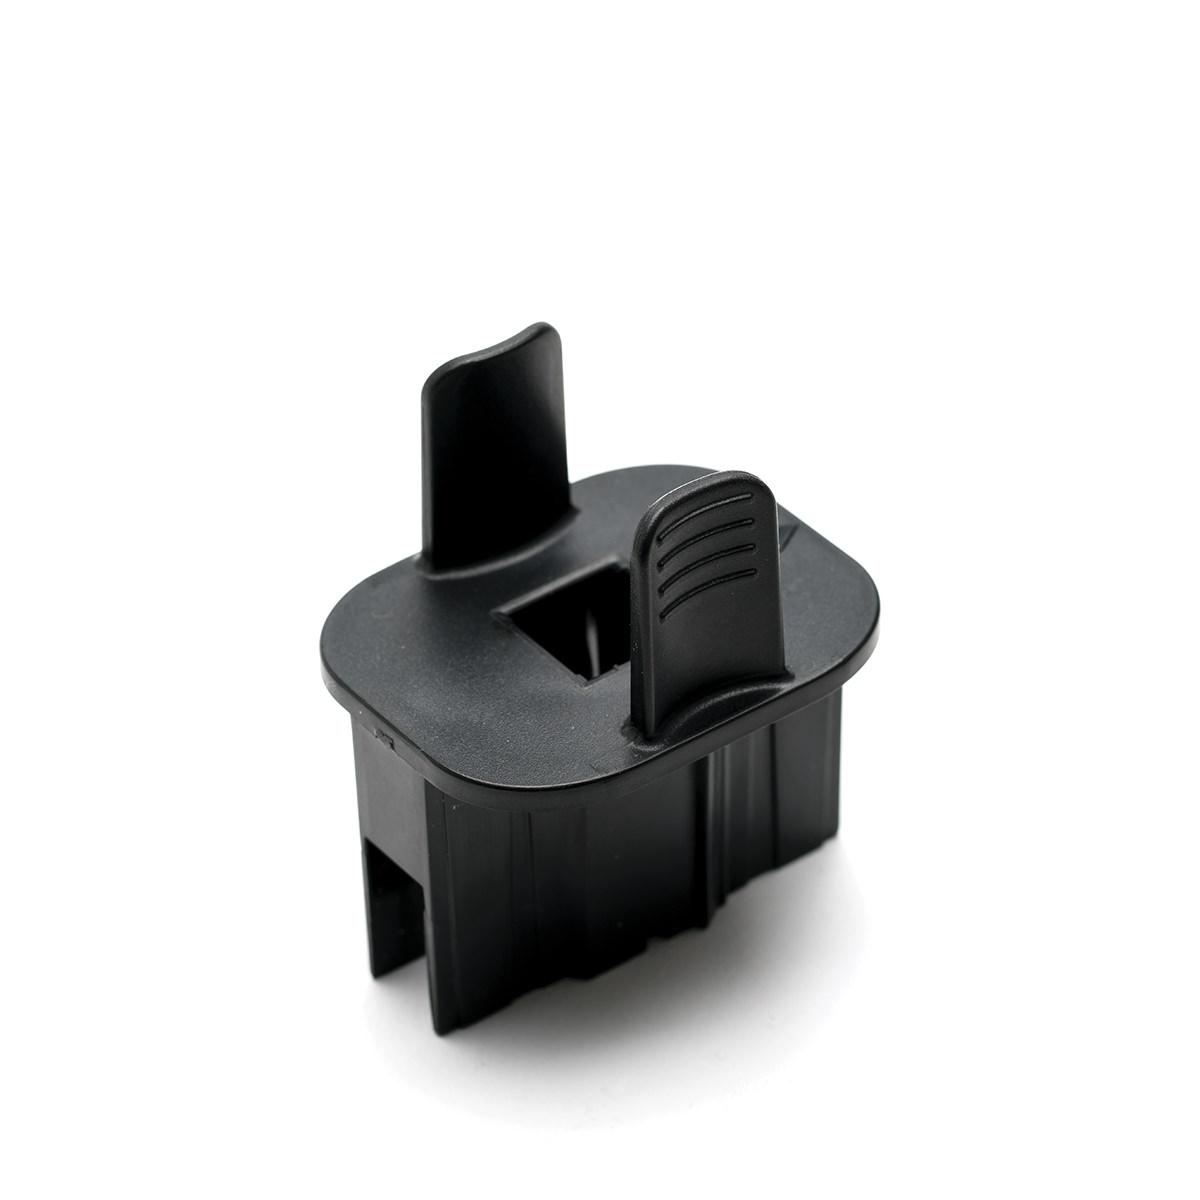 Spettrofotometro HI801 - iris - porta cuvette quadrate